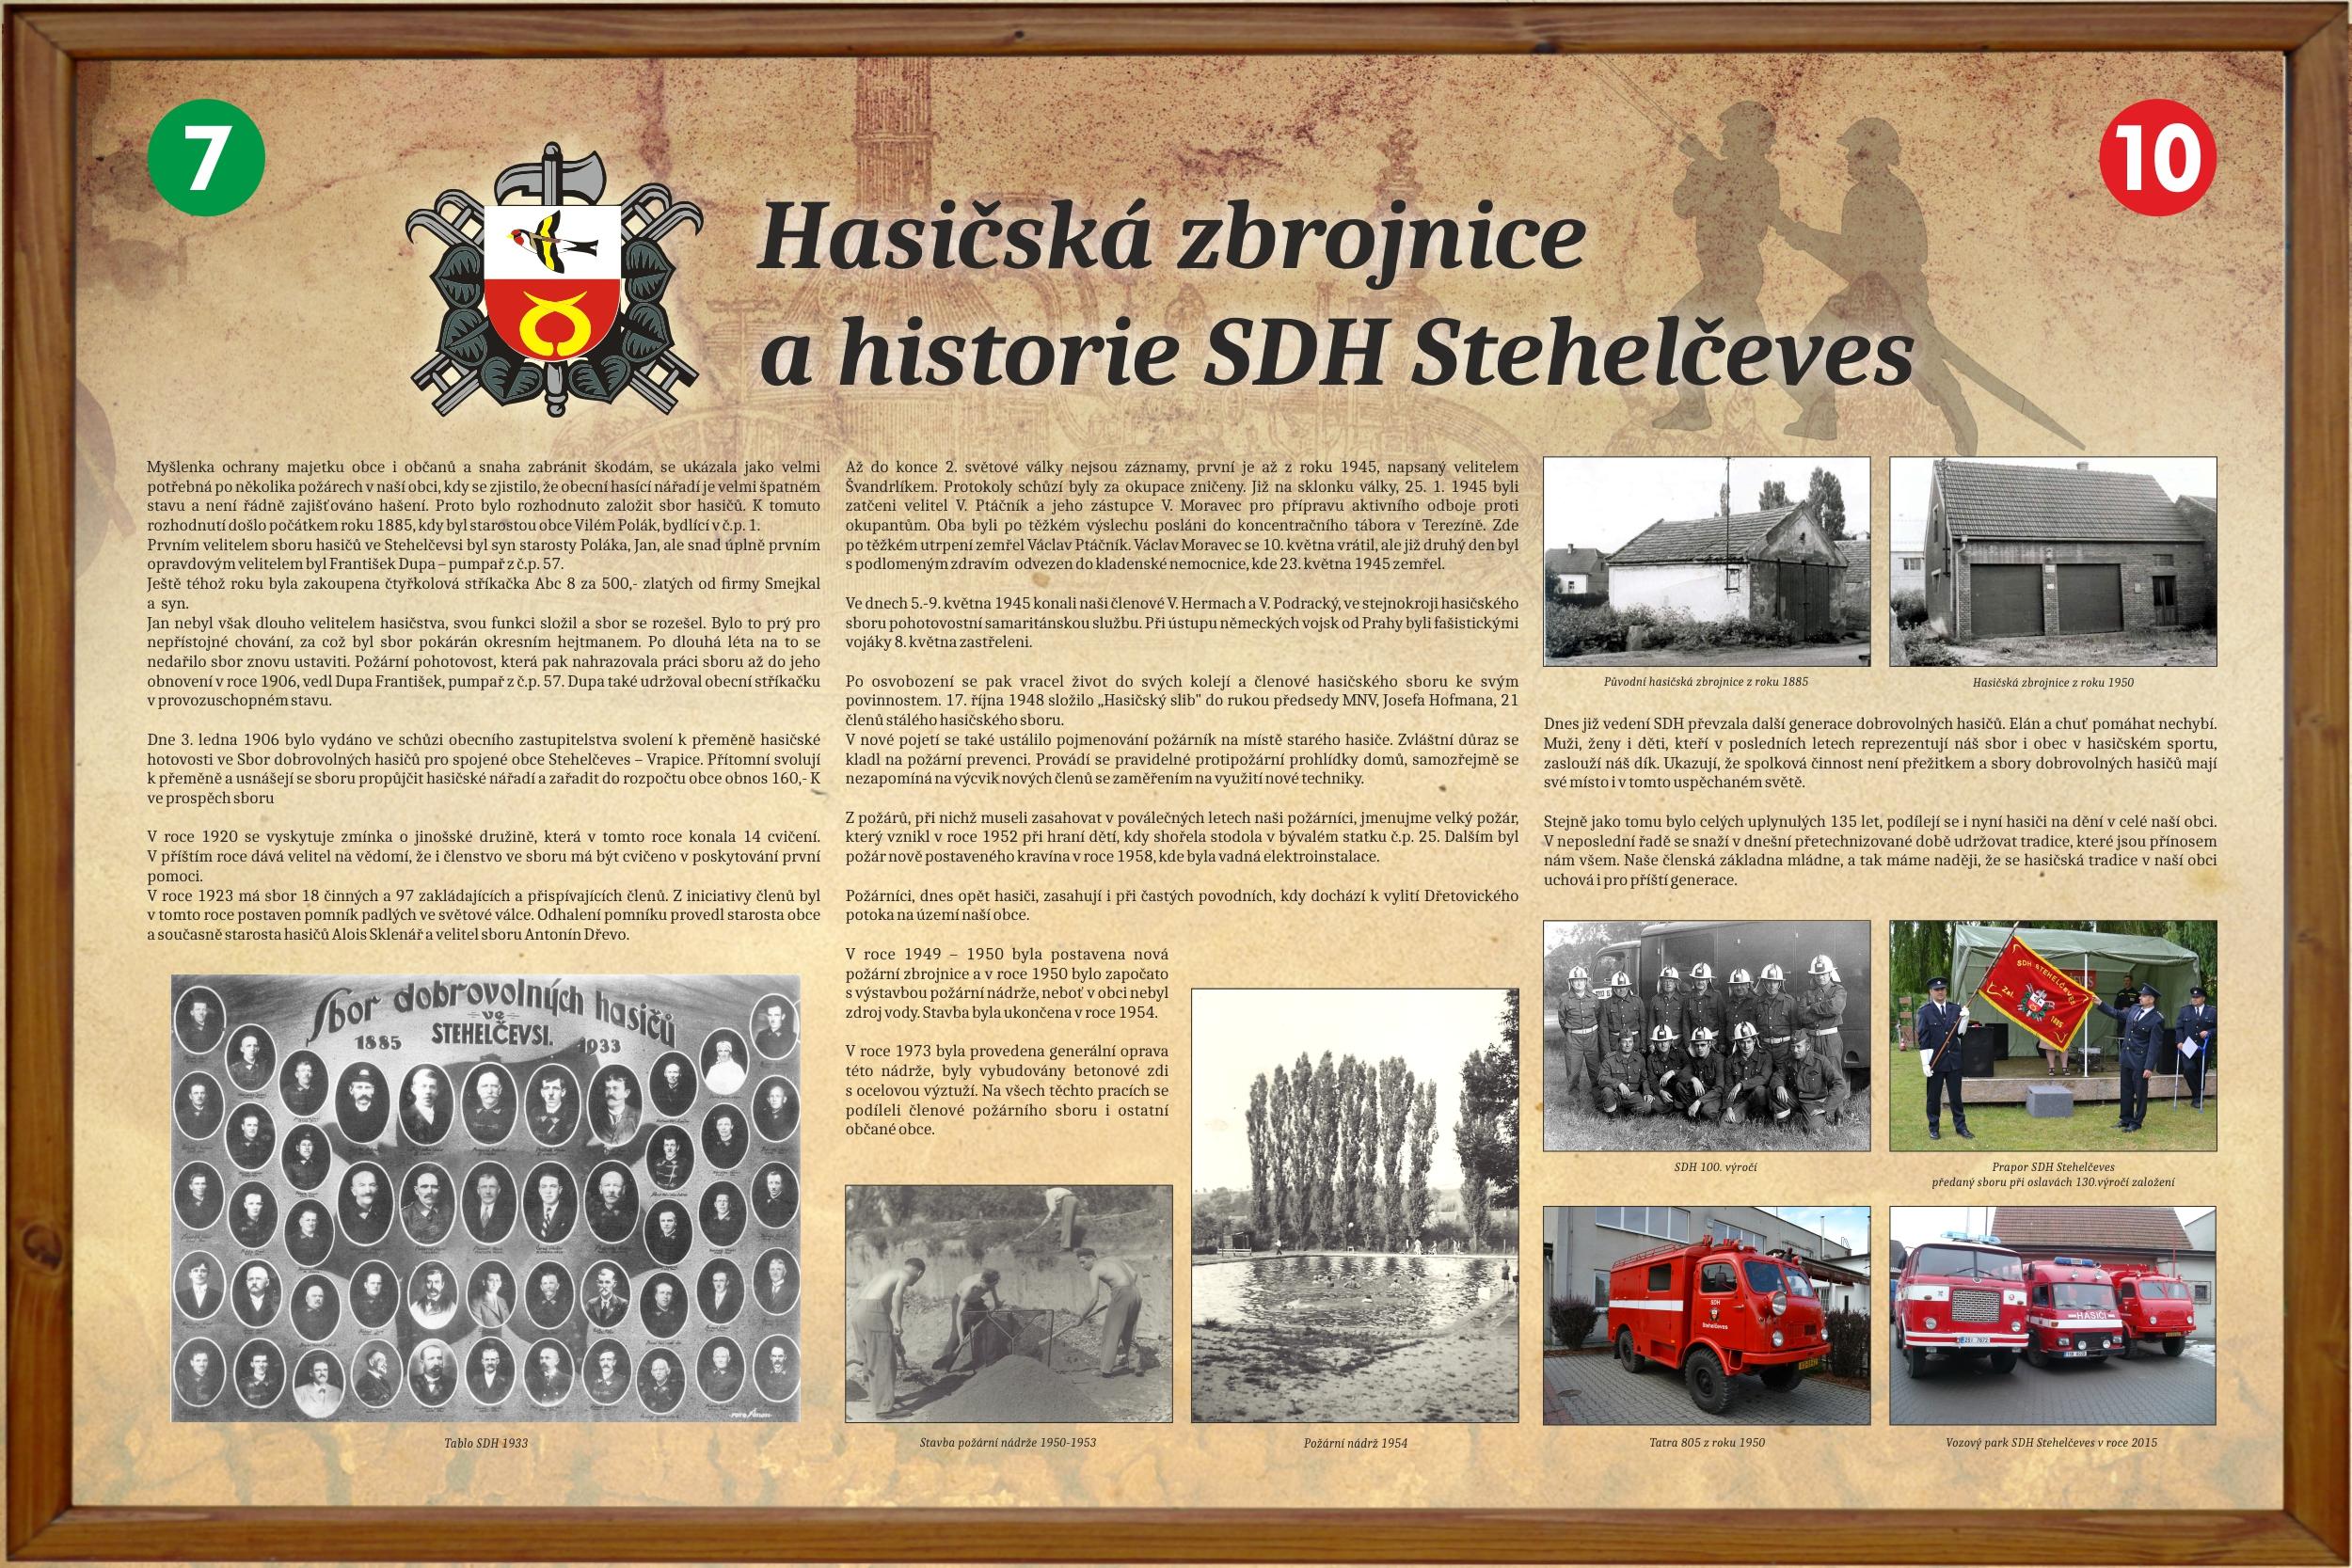 SDH-Stehelceves-120x80-2